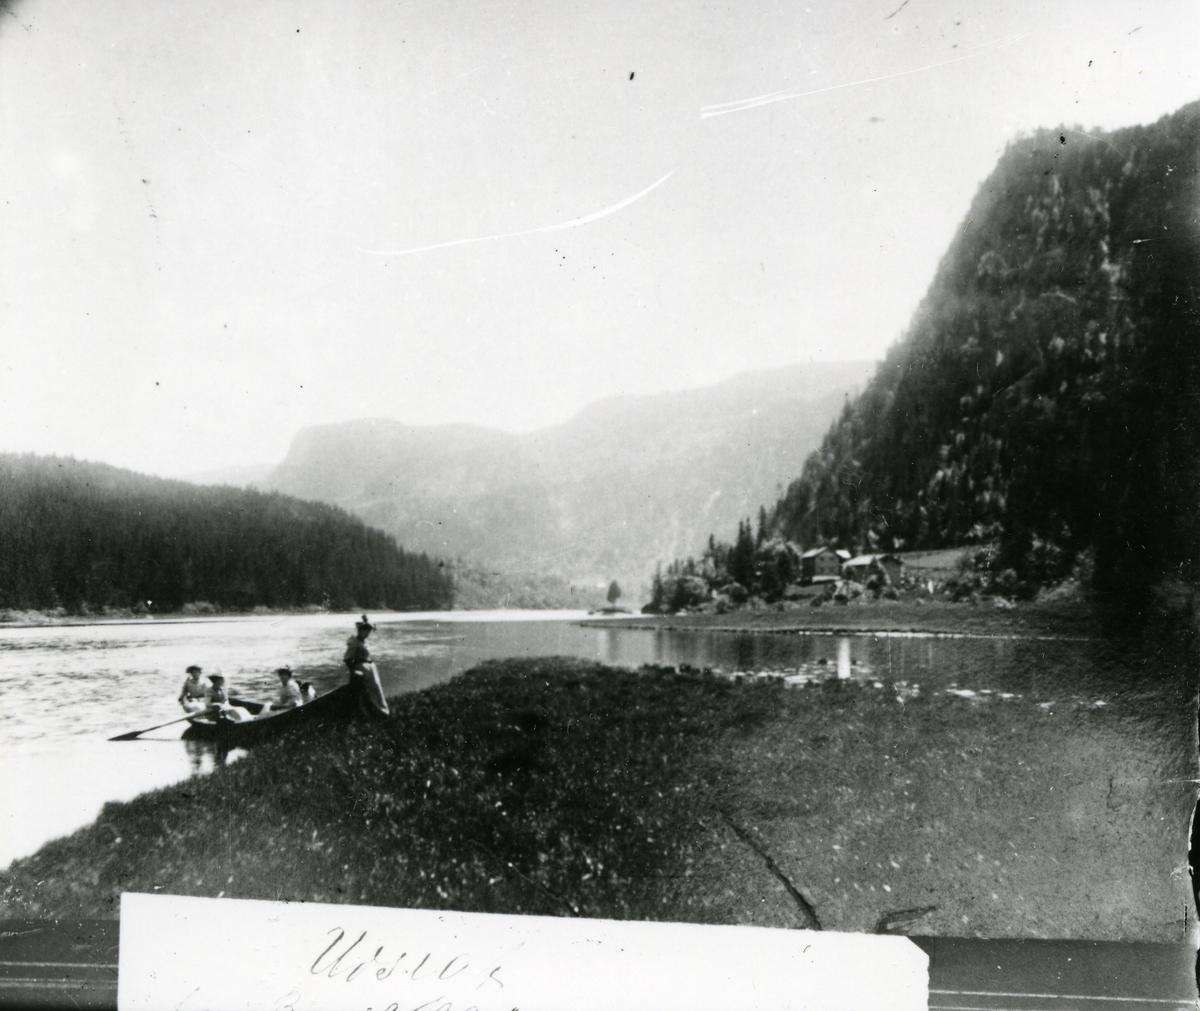 Trolig avbilding av fotografi. Fire kvinner i båt inntil land ved elv eller innsjø. Gård og bratt åskam i bakgrunnen